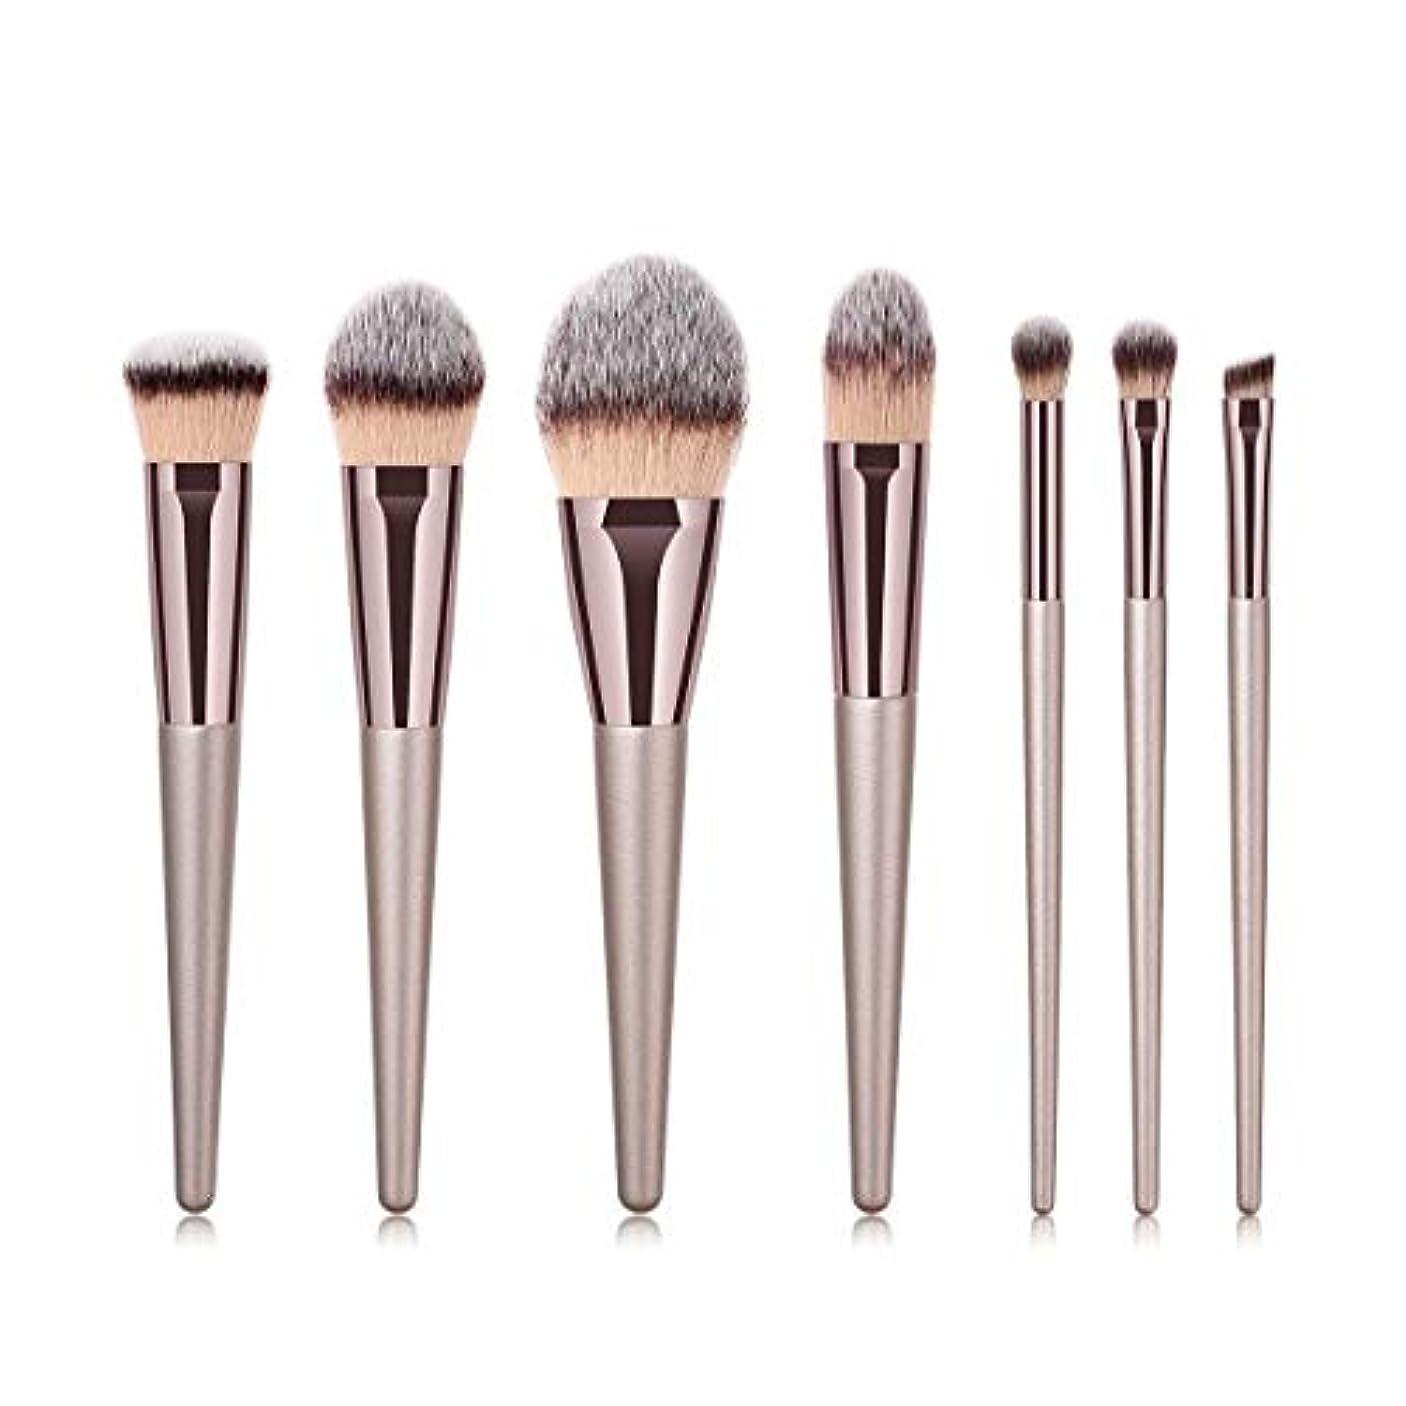 変動する登山家衣服Makeup brushes 7化粧ブラシファンデーションブラシパウダーブラッシュブラシアイシャドーブラシハイトグロスシルエットブラシセットブラシグレー suits (Color : Gray)